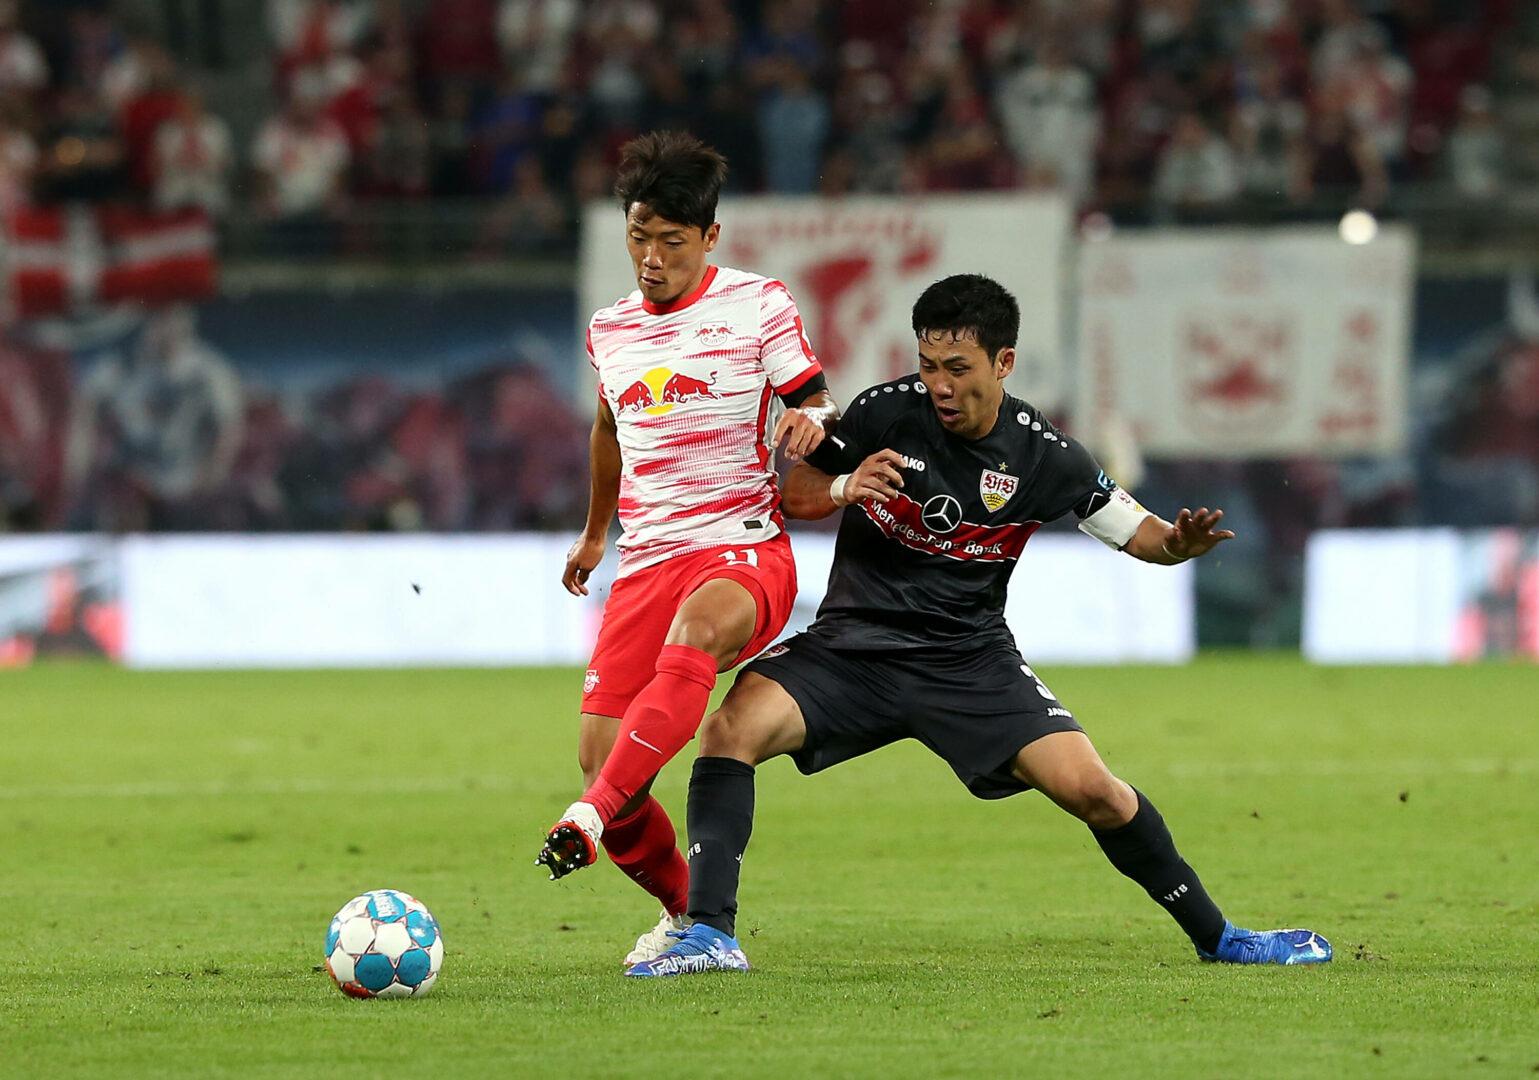 Hee-chan Hwang im Duell mit einem Spieler des VfB Stuttgart